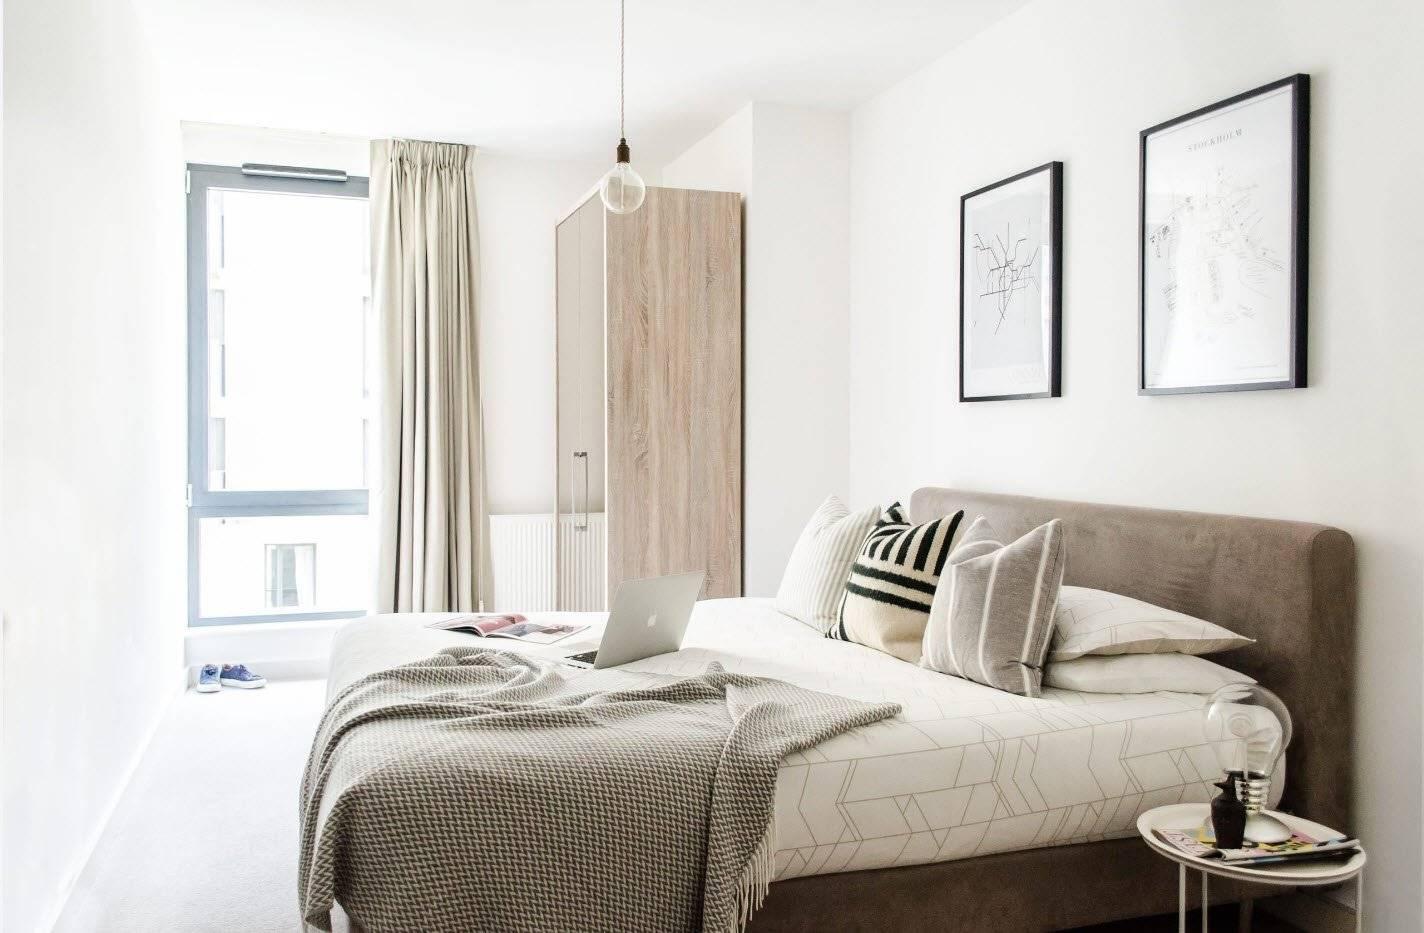 Стильный дизайн маленькой спальни 10 кв м: фото реальных интерьеров